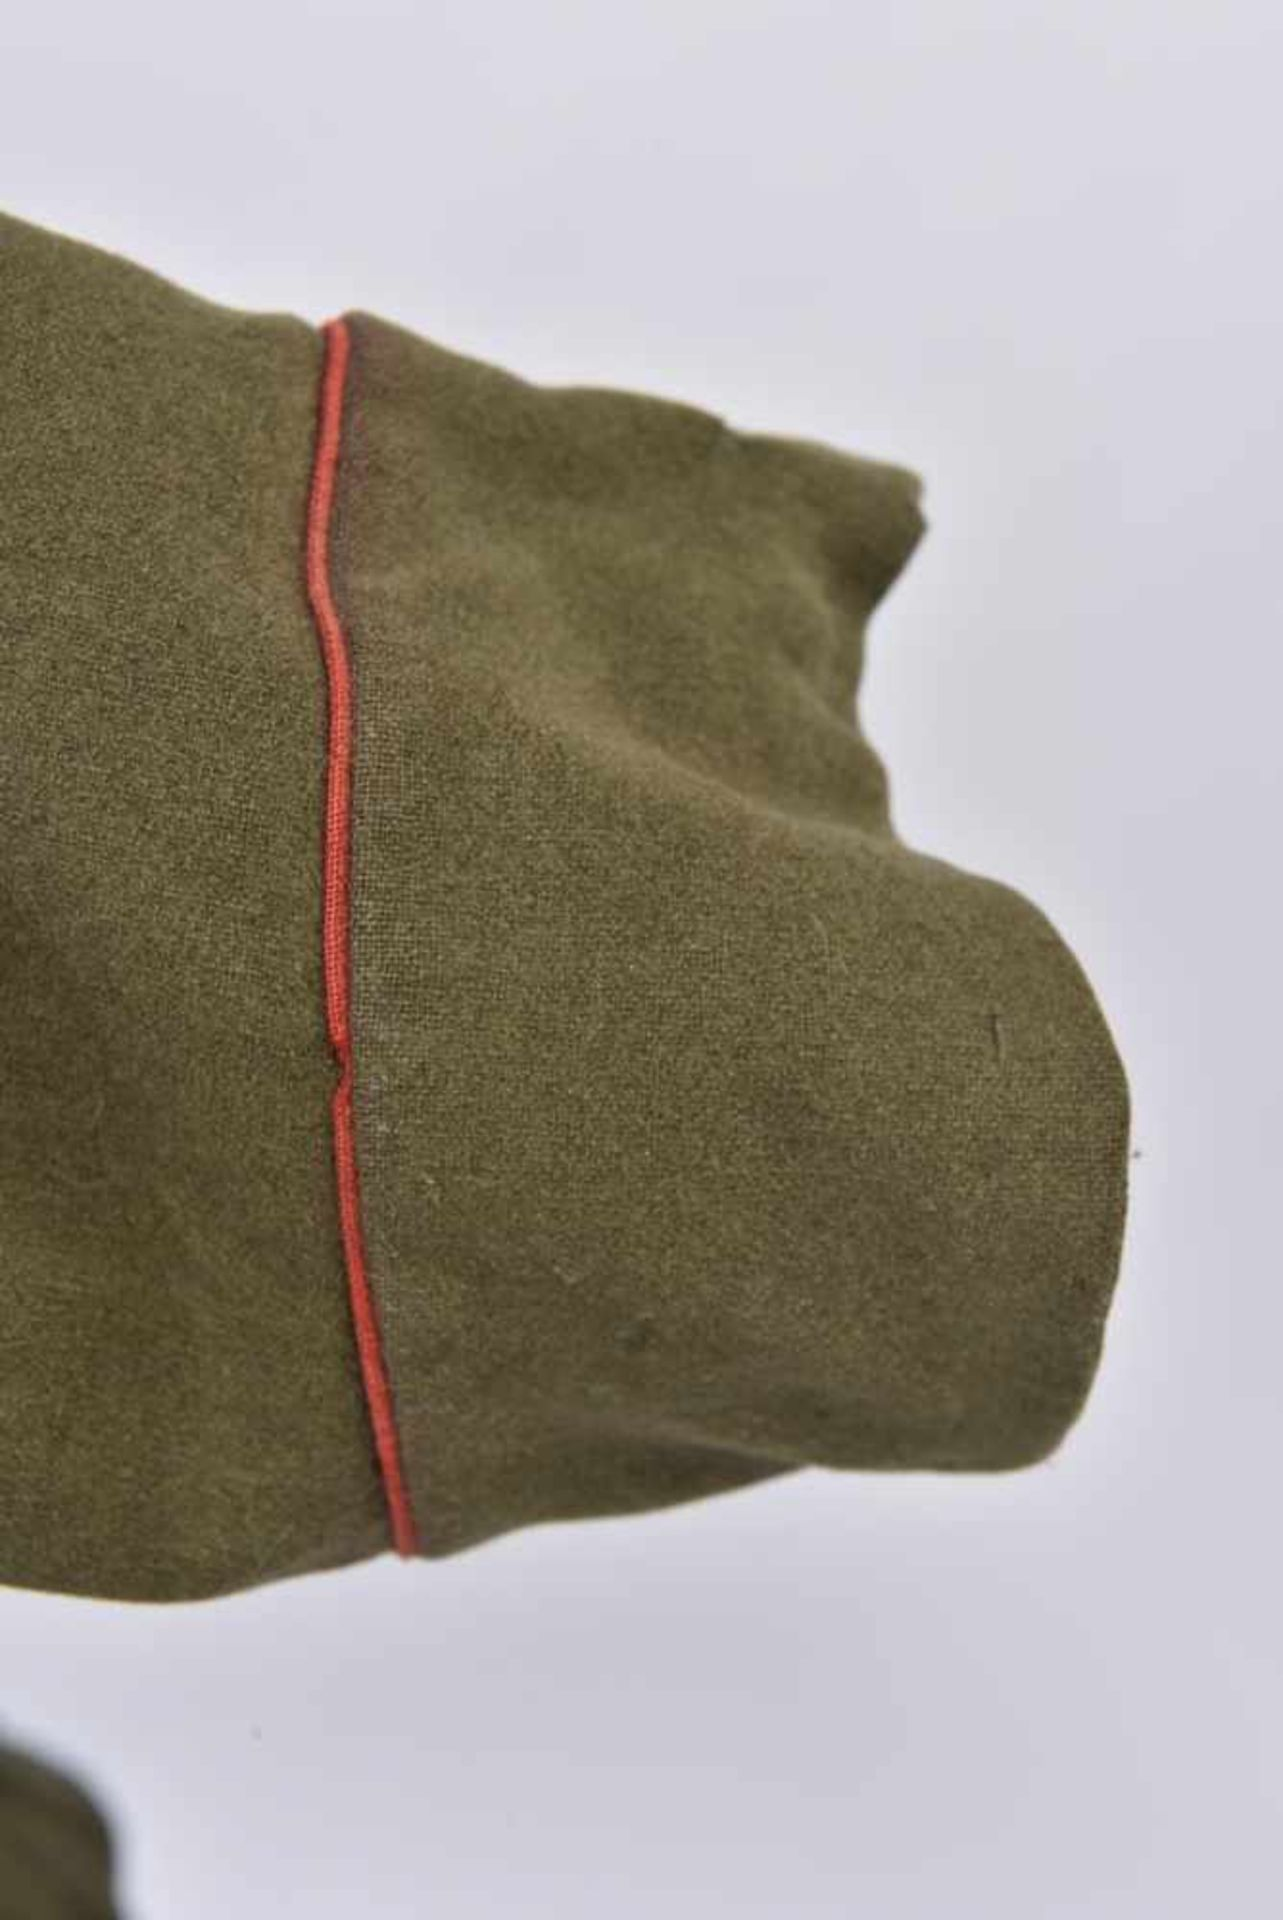 Los 1714 - Ensemble comprenant veste Mundir d'un soldat de l'artillerie ou des blindés. Passepoil rouge et